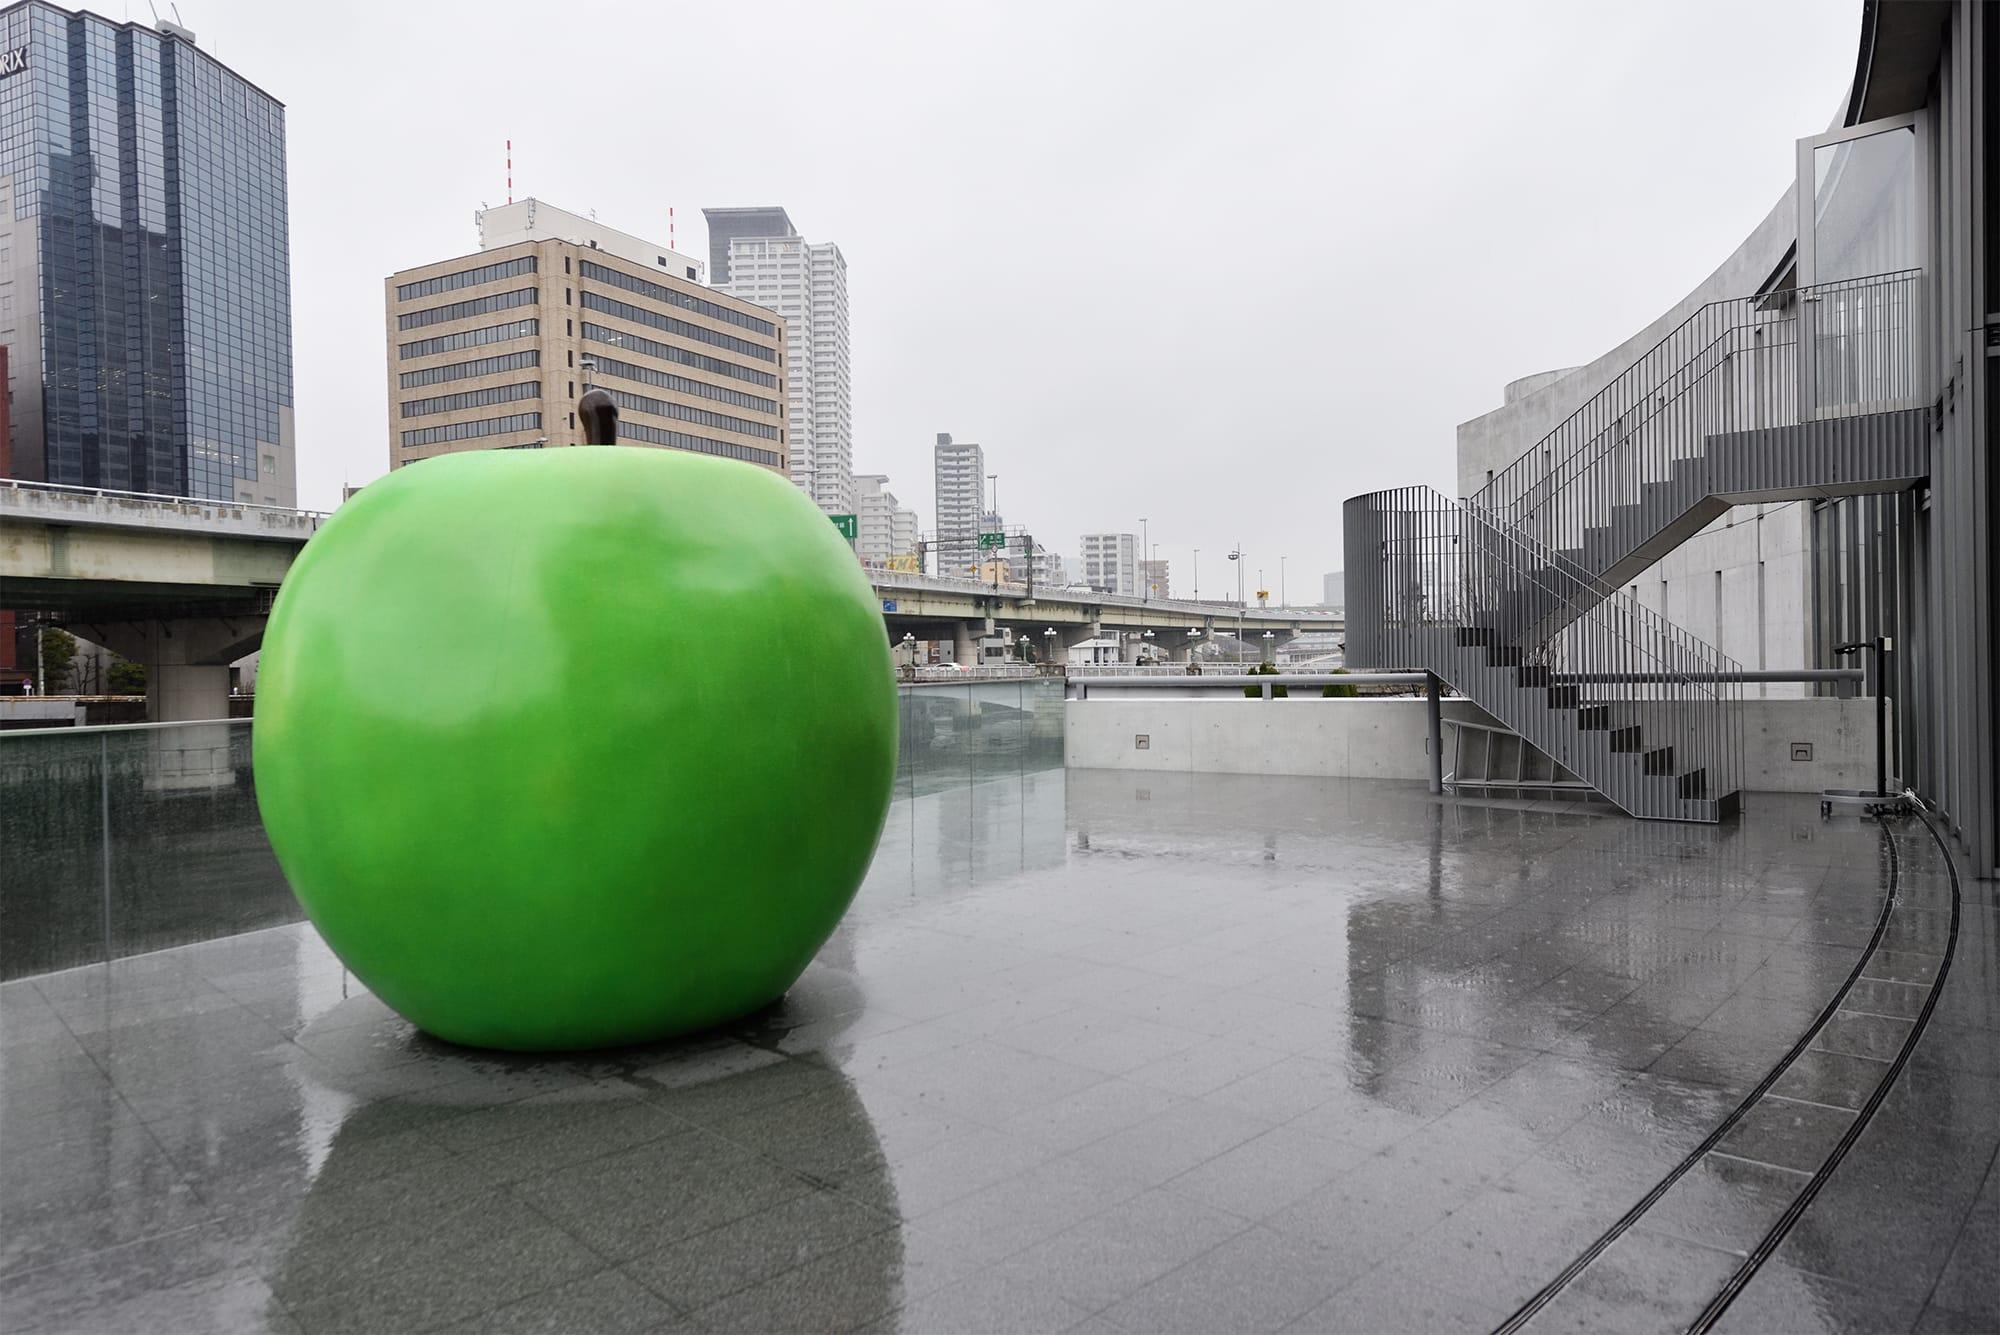 エントランスポーチには「永遠の青春」をテーマにつくられた青リンゴのオブジェ。